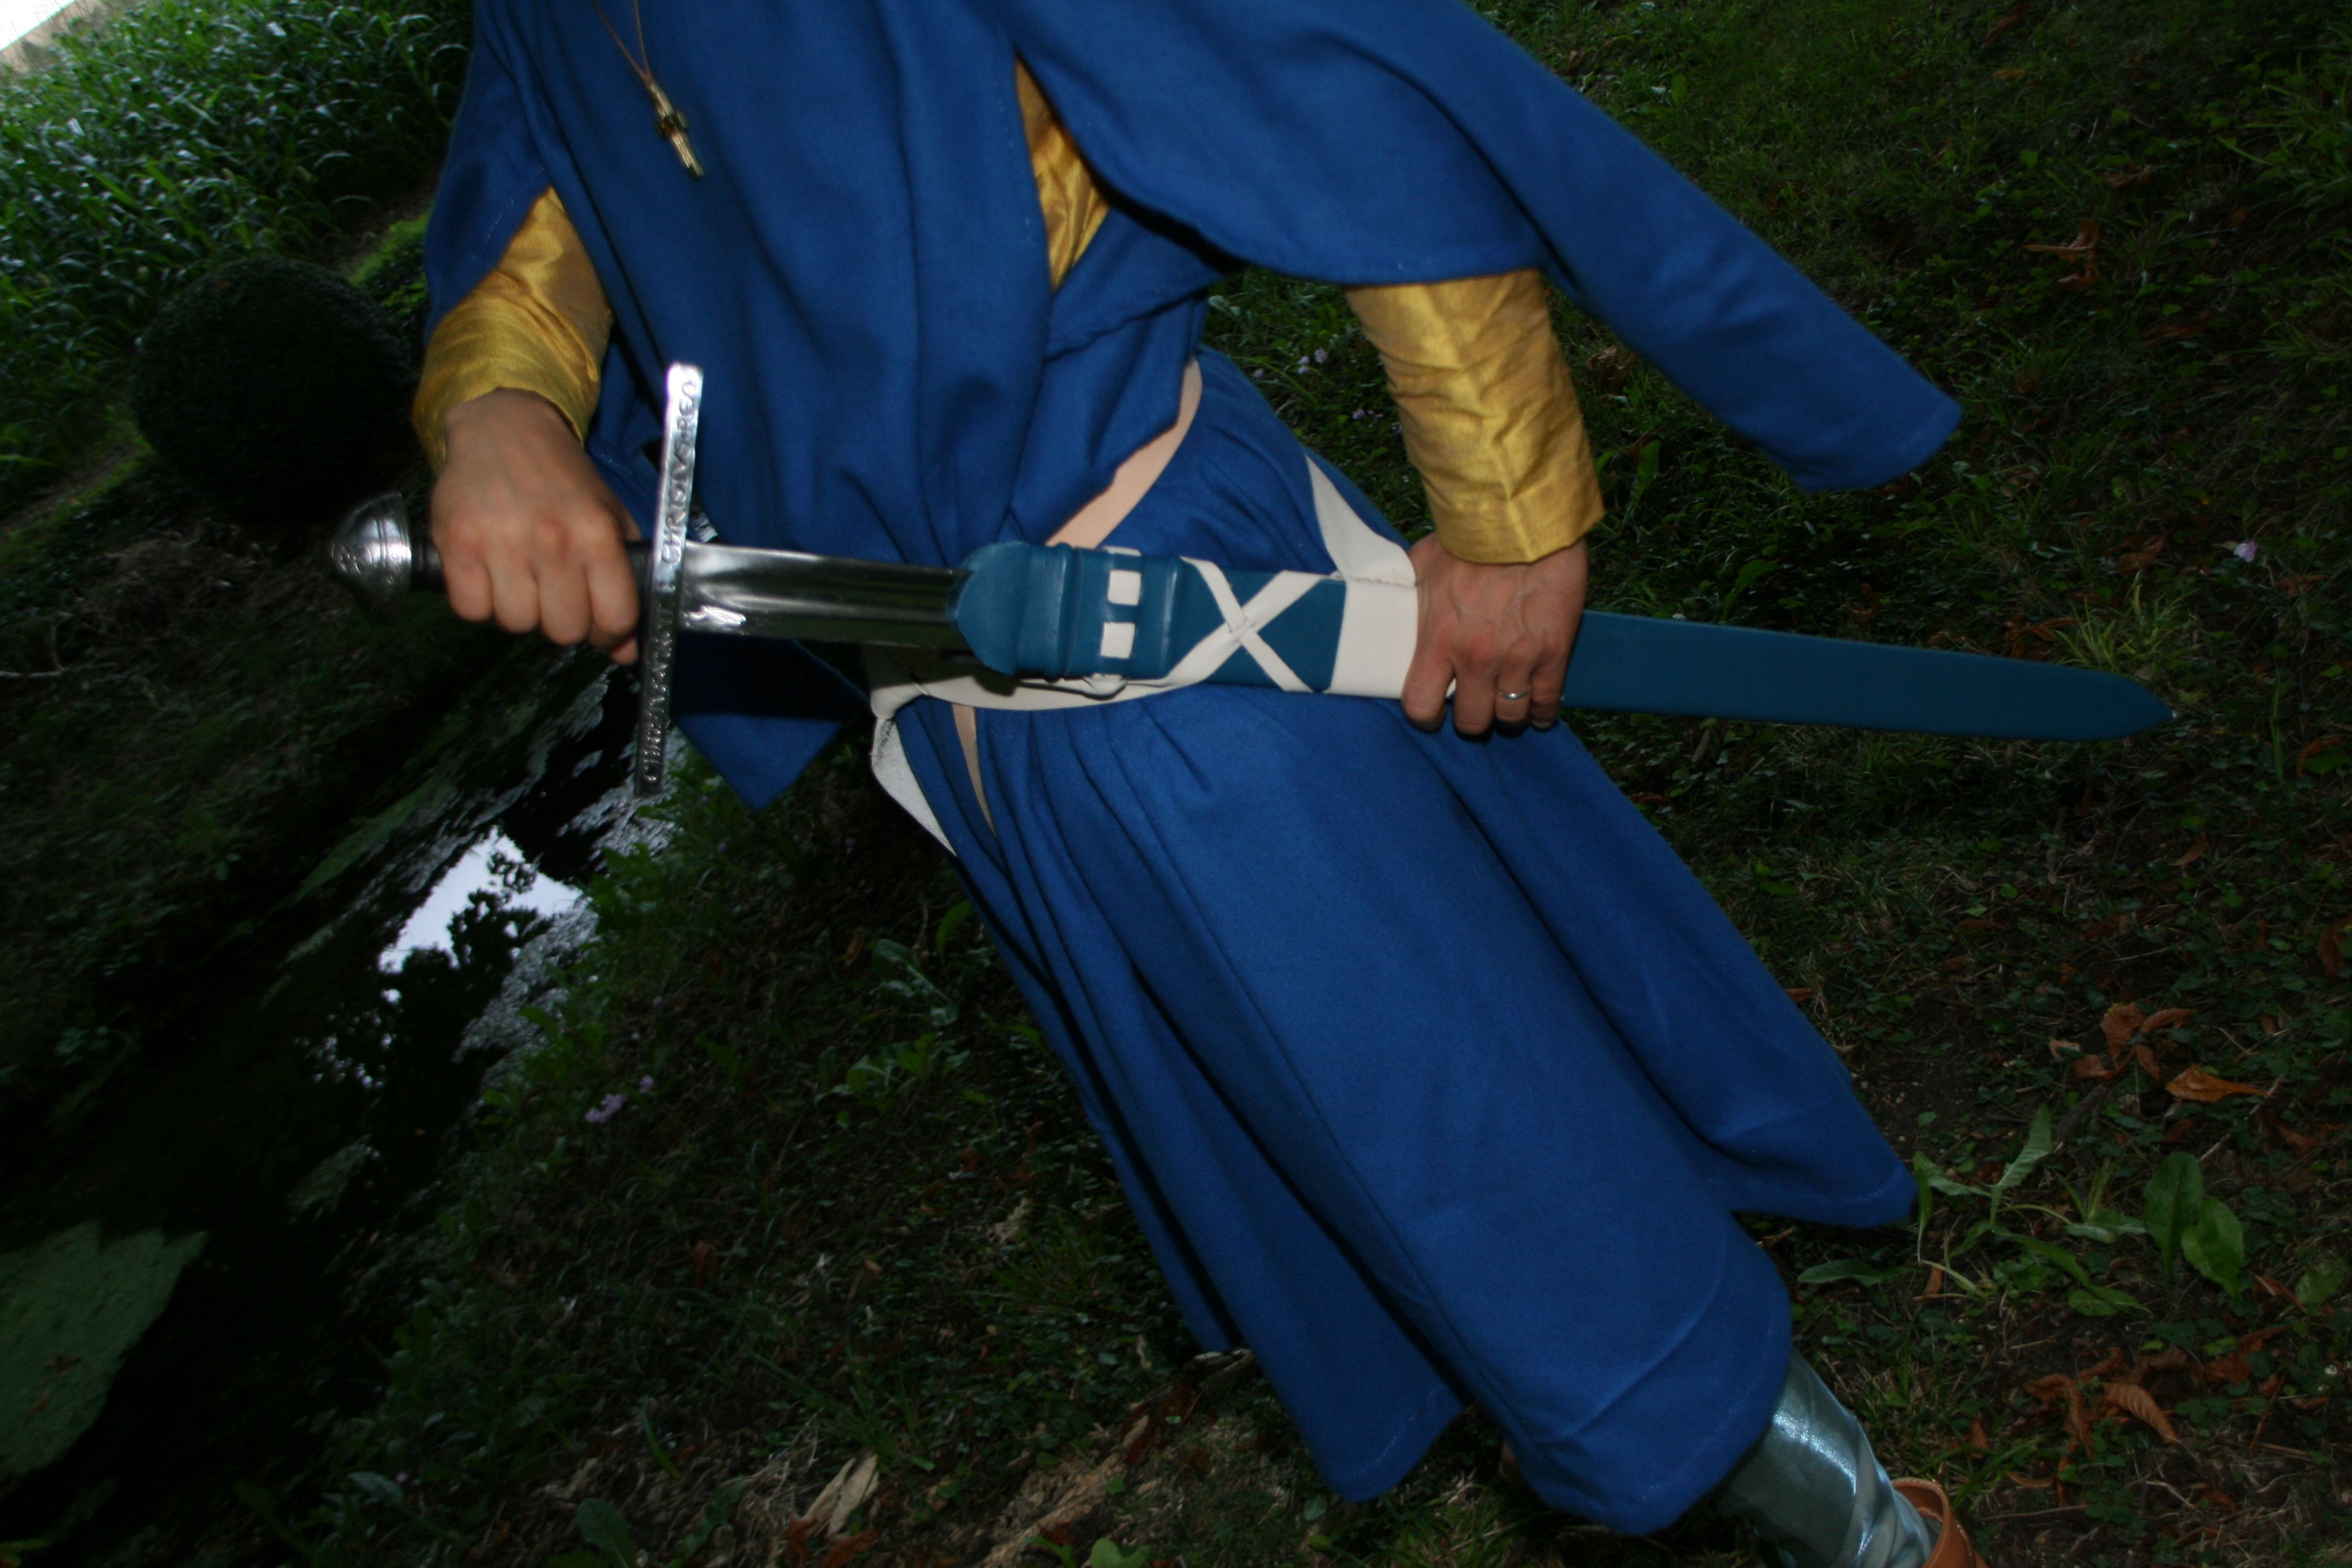 Der Ritter, und seine Waffe